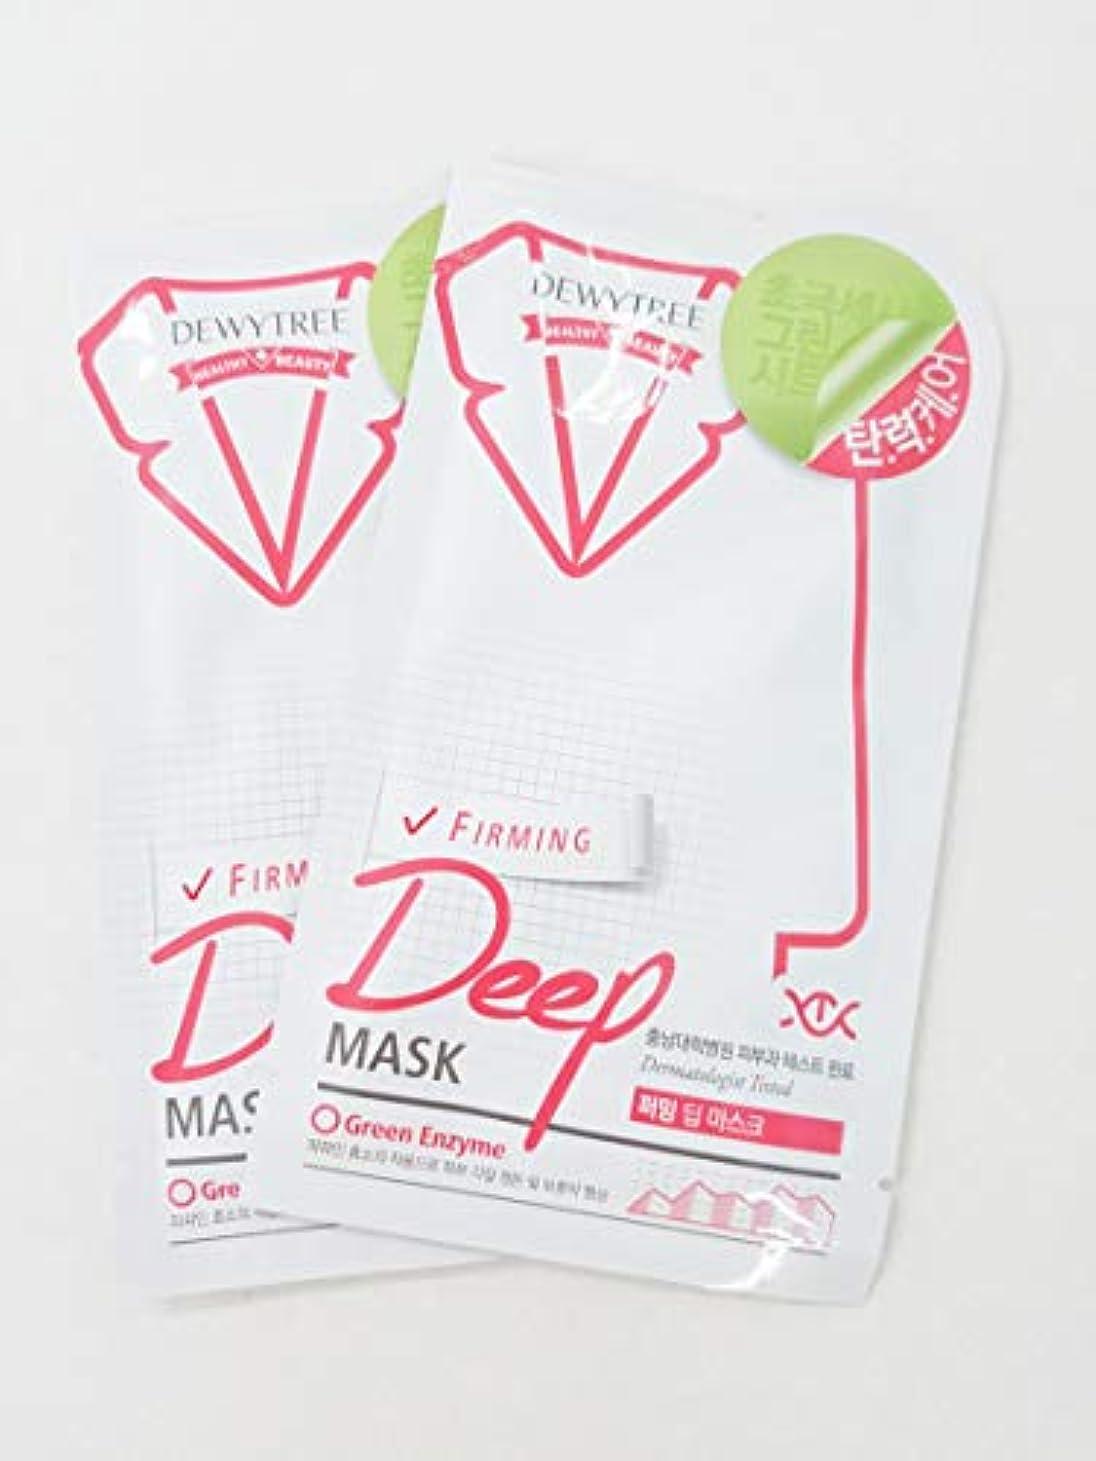 お母さんひらめき怪しい(デューイトゥリー) DEWYTREE ファーミングディープマスク 20枚 Firming Deep Mask 韓国マスクパック (並行輸入品)